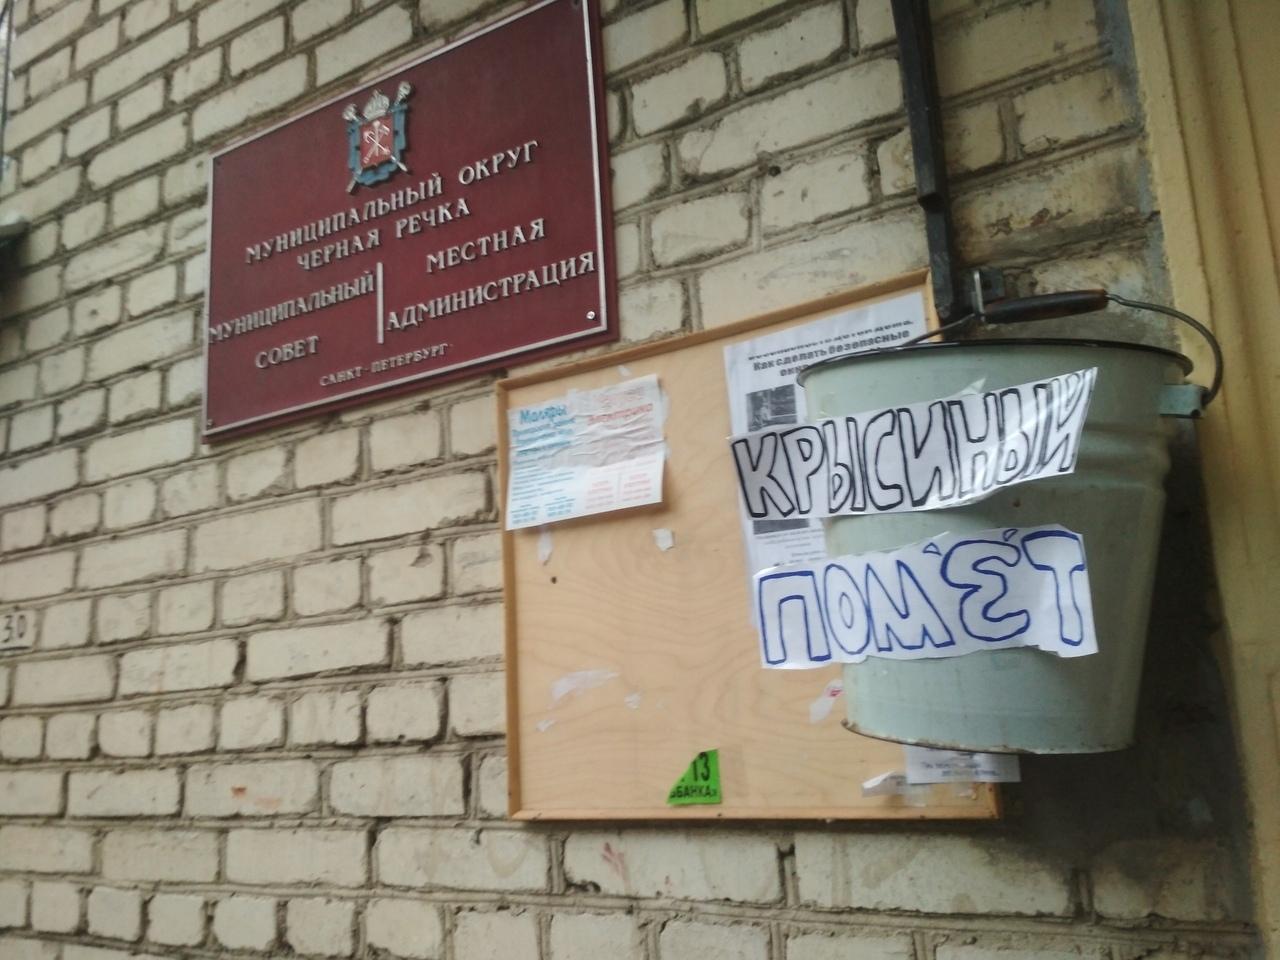 фото ЗакС политика У входа в администрацию МО Черная речка повесили ведро с «крысиным пометом»